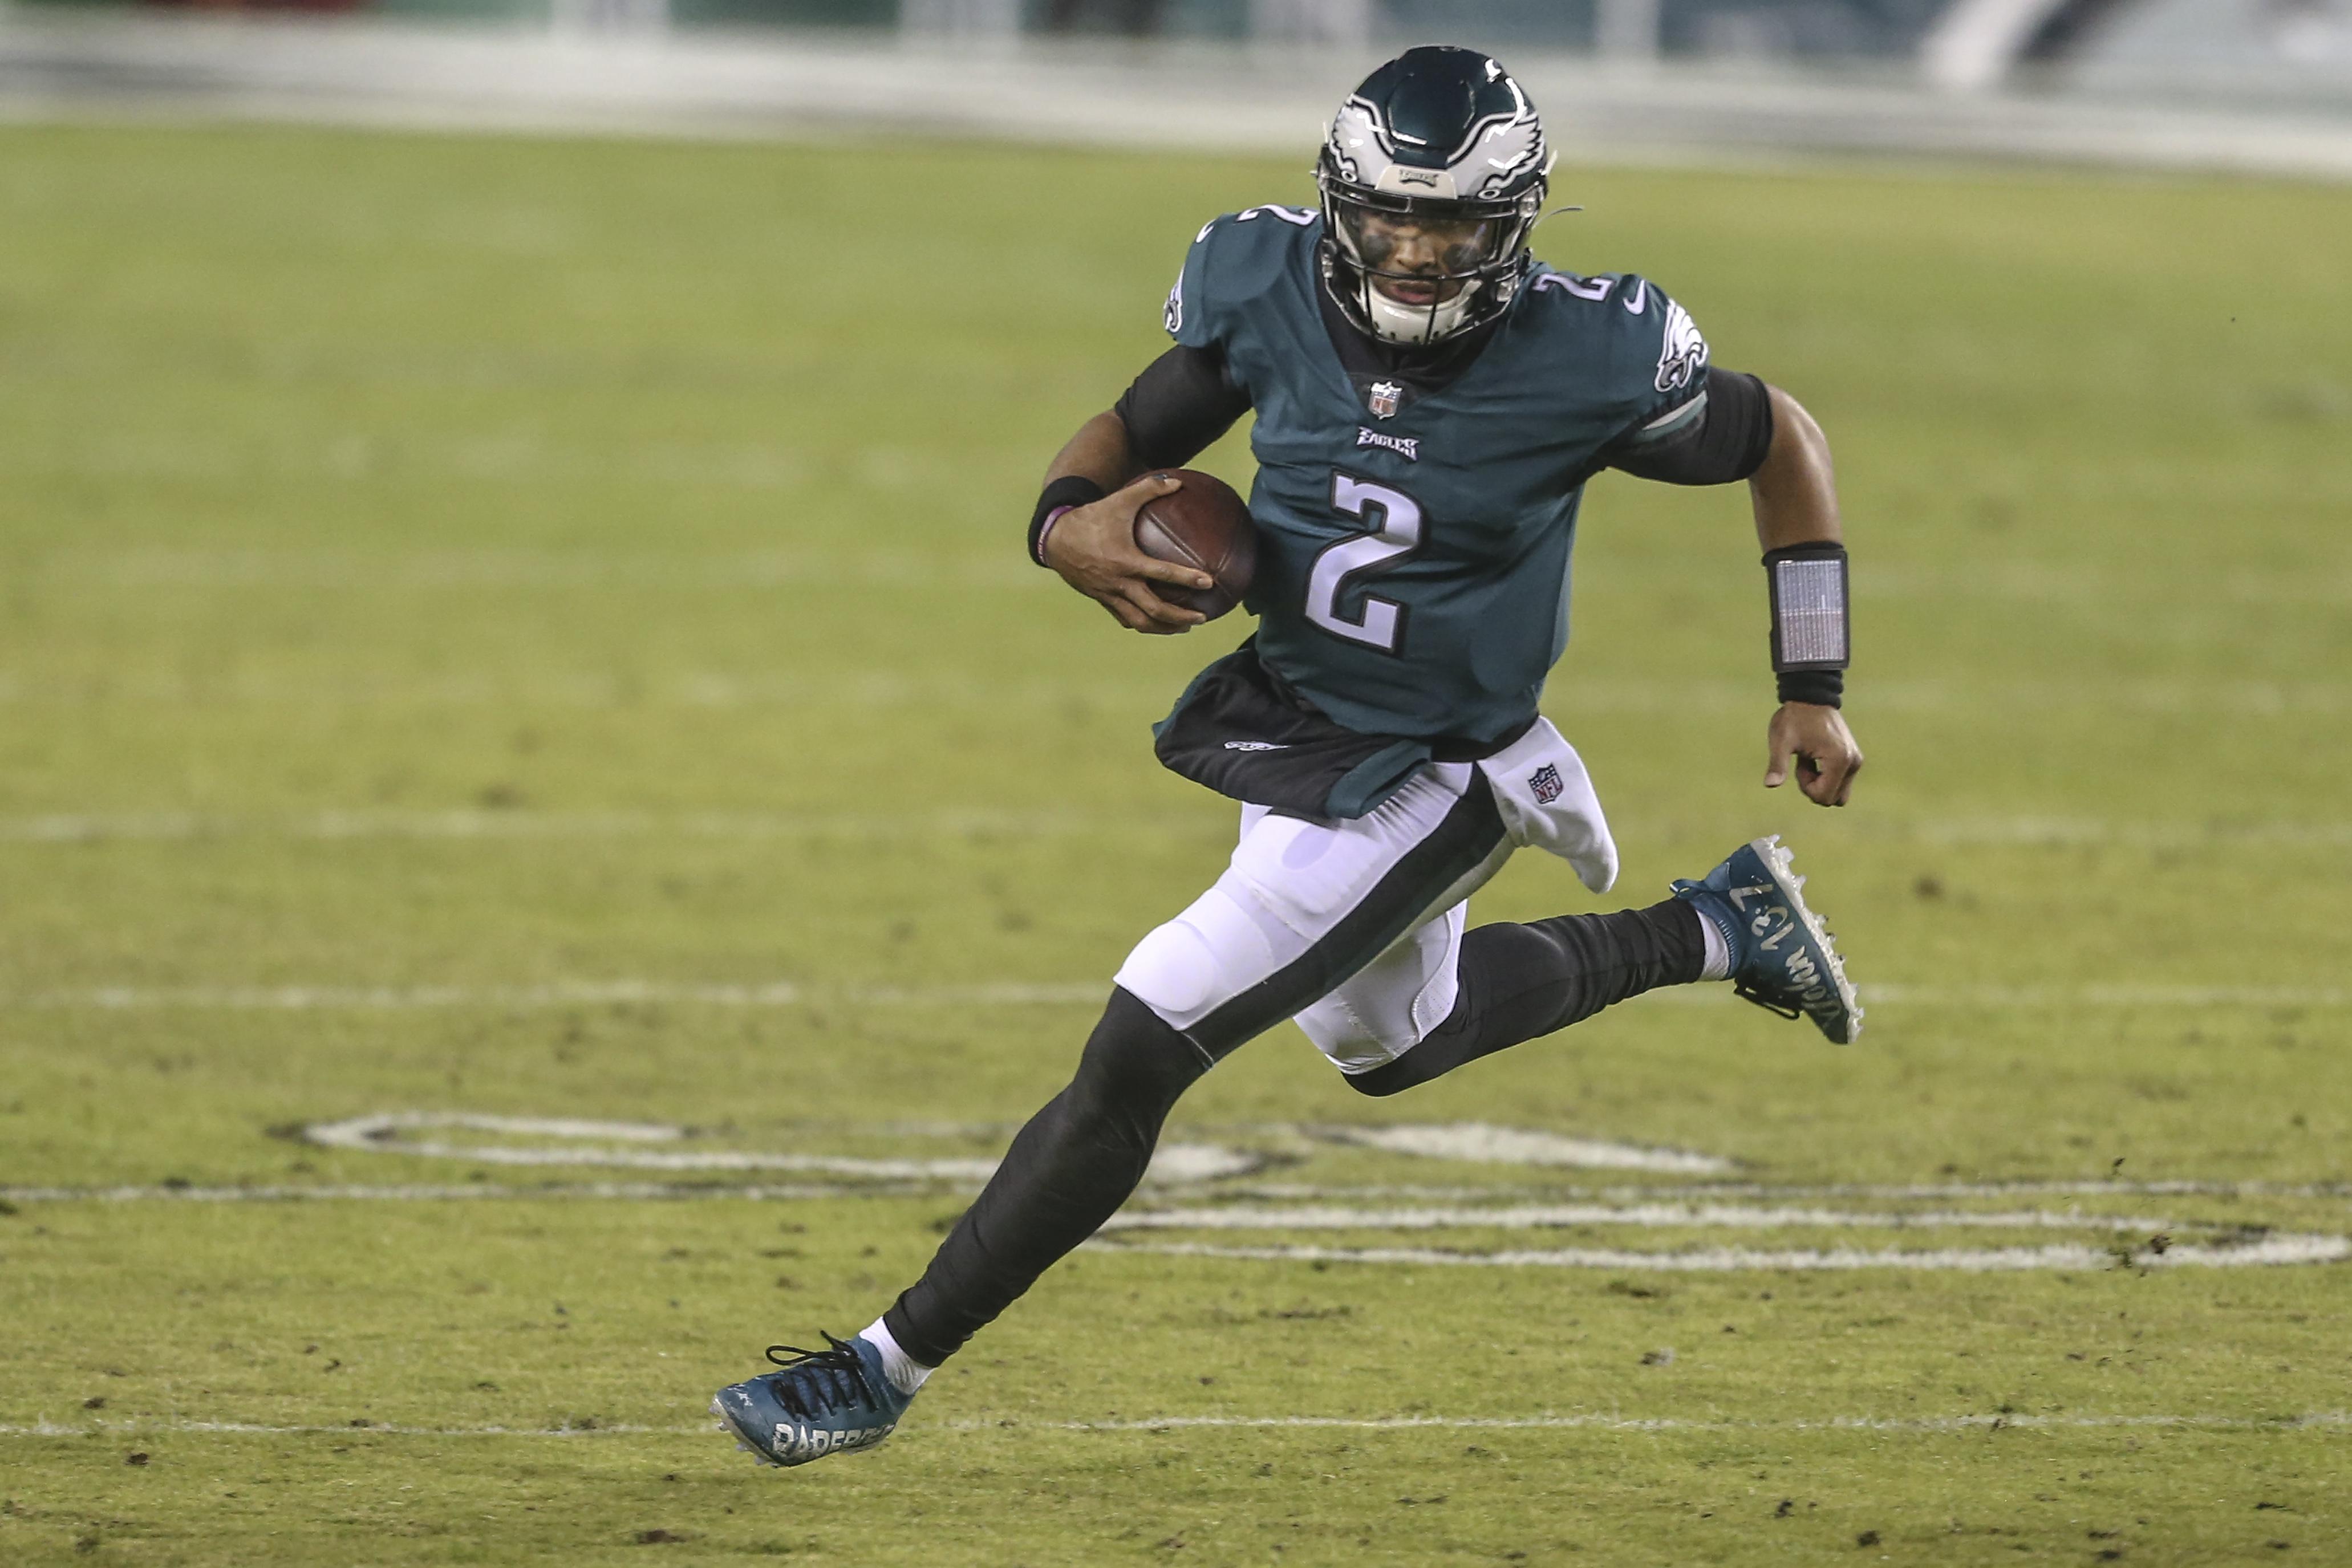 Will Nick Sirianni's offense fit Eagles QB Jalen Hurts?